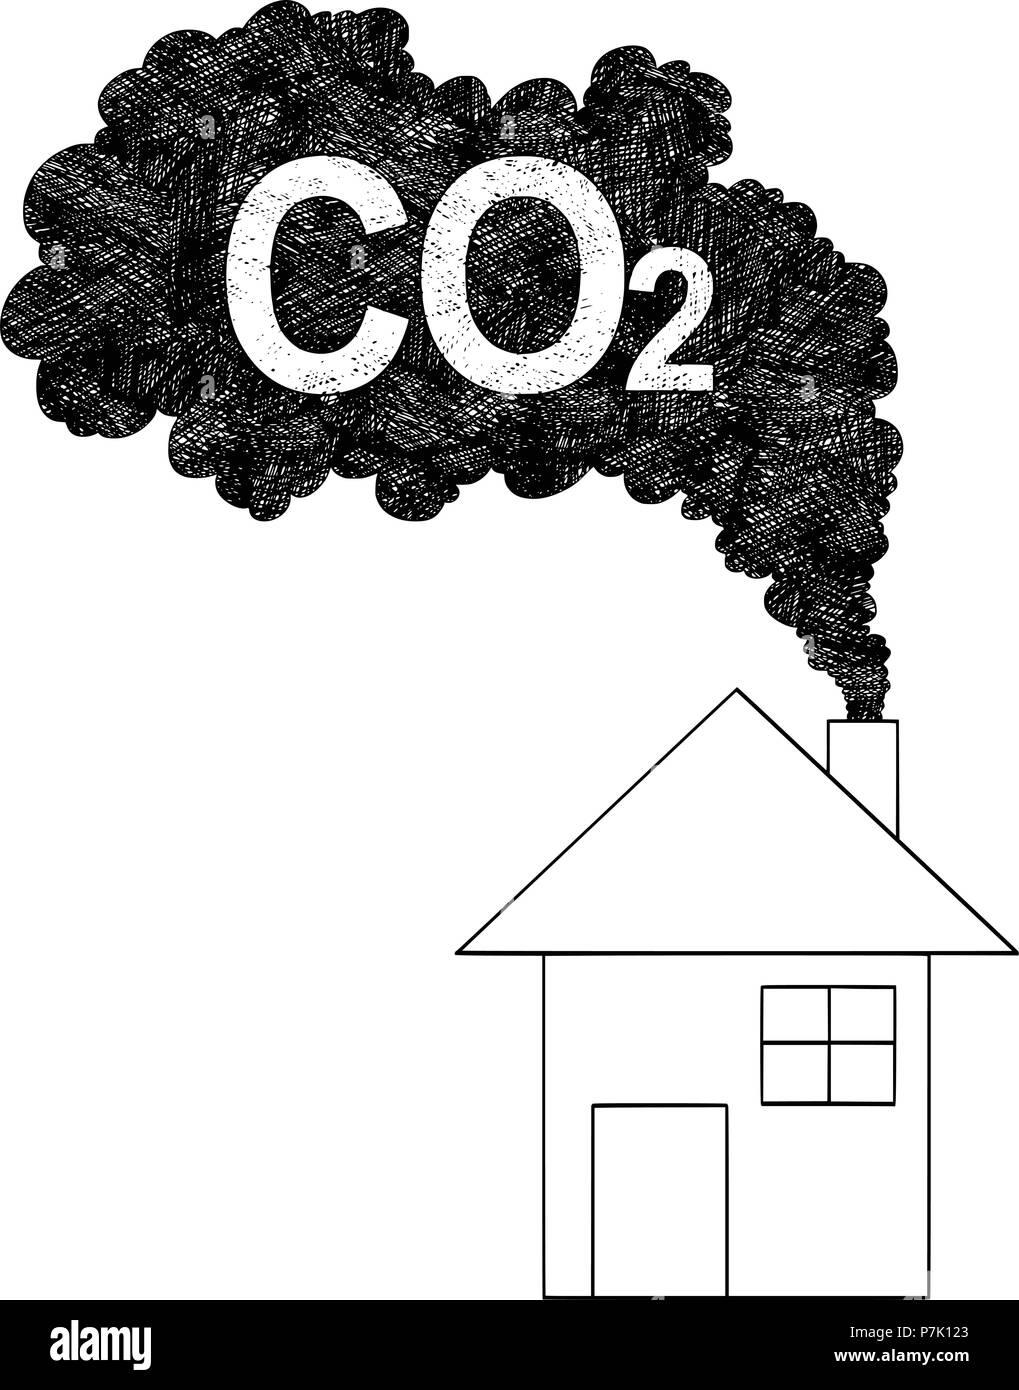 Dibujo Artístico, ilustración vectorial de humo procedente de la chimenea de la casa, el Dióxido de carbono o CO2 concepto de contaminación del aire Imagen De Stock